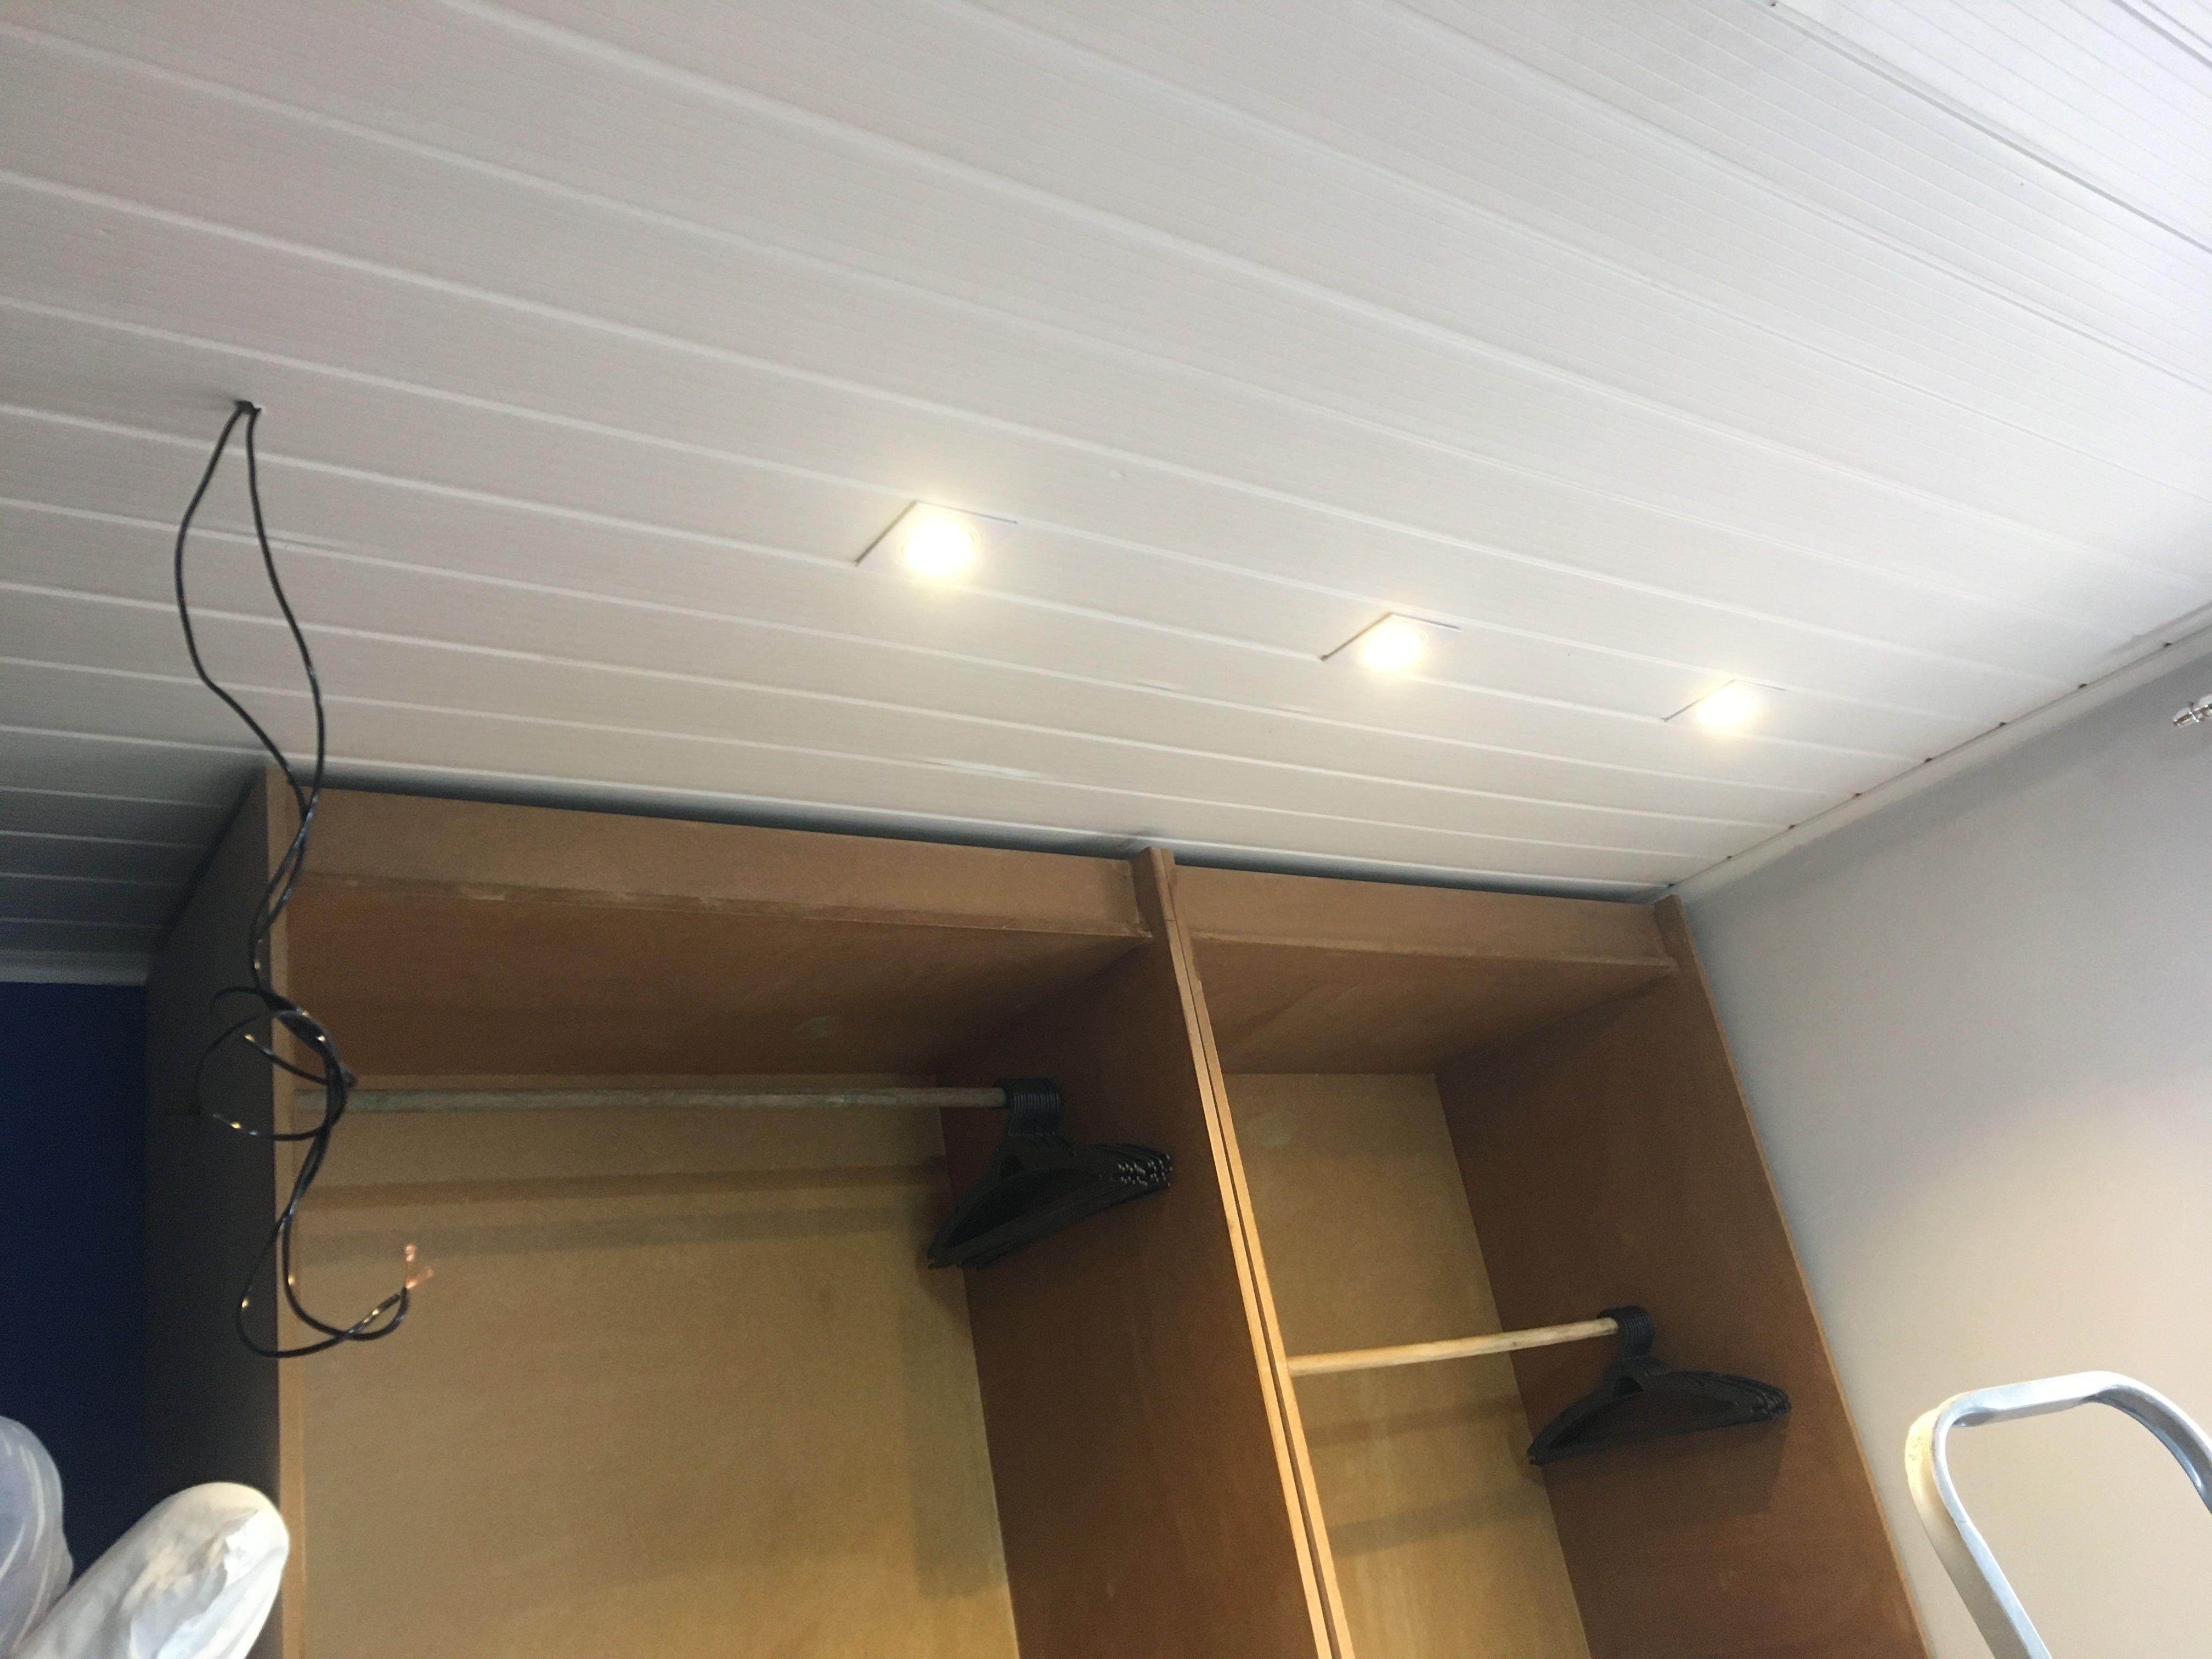 Instalação de Spots  LED em forro pvc